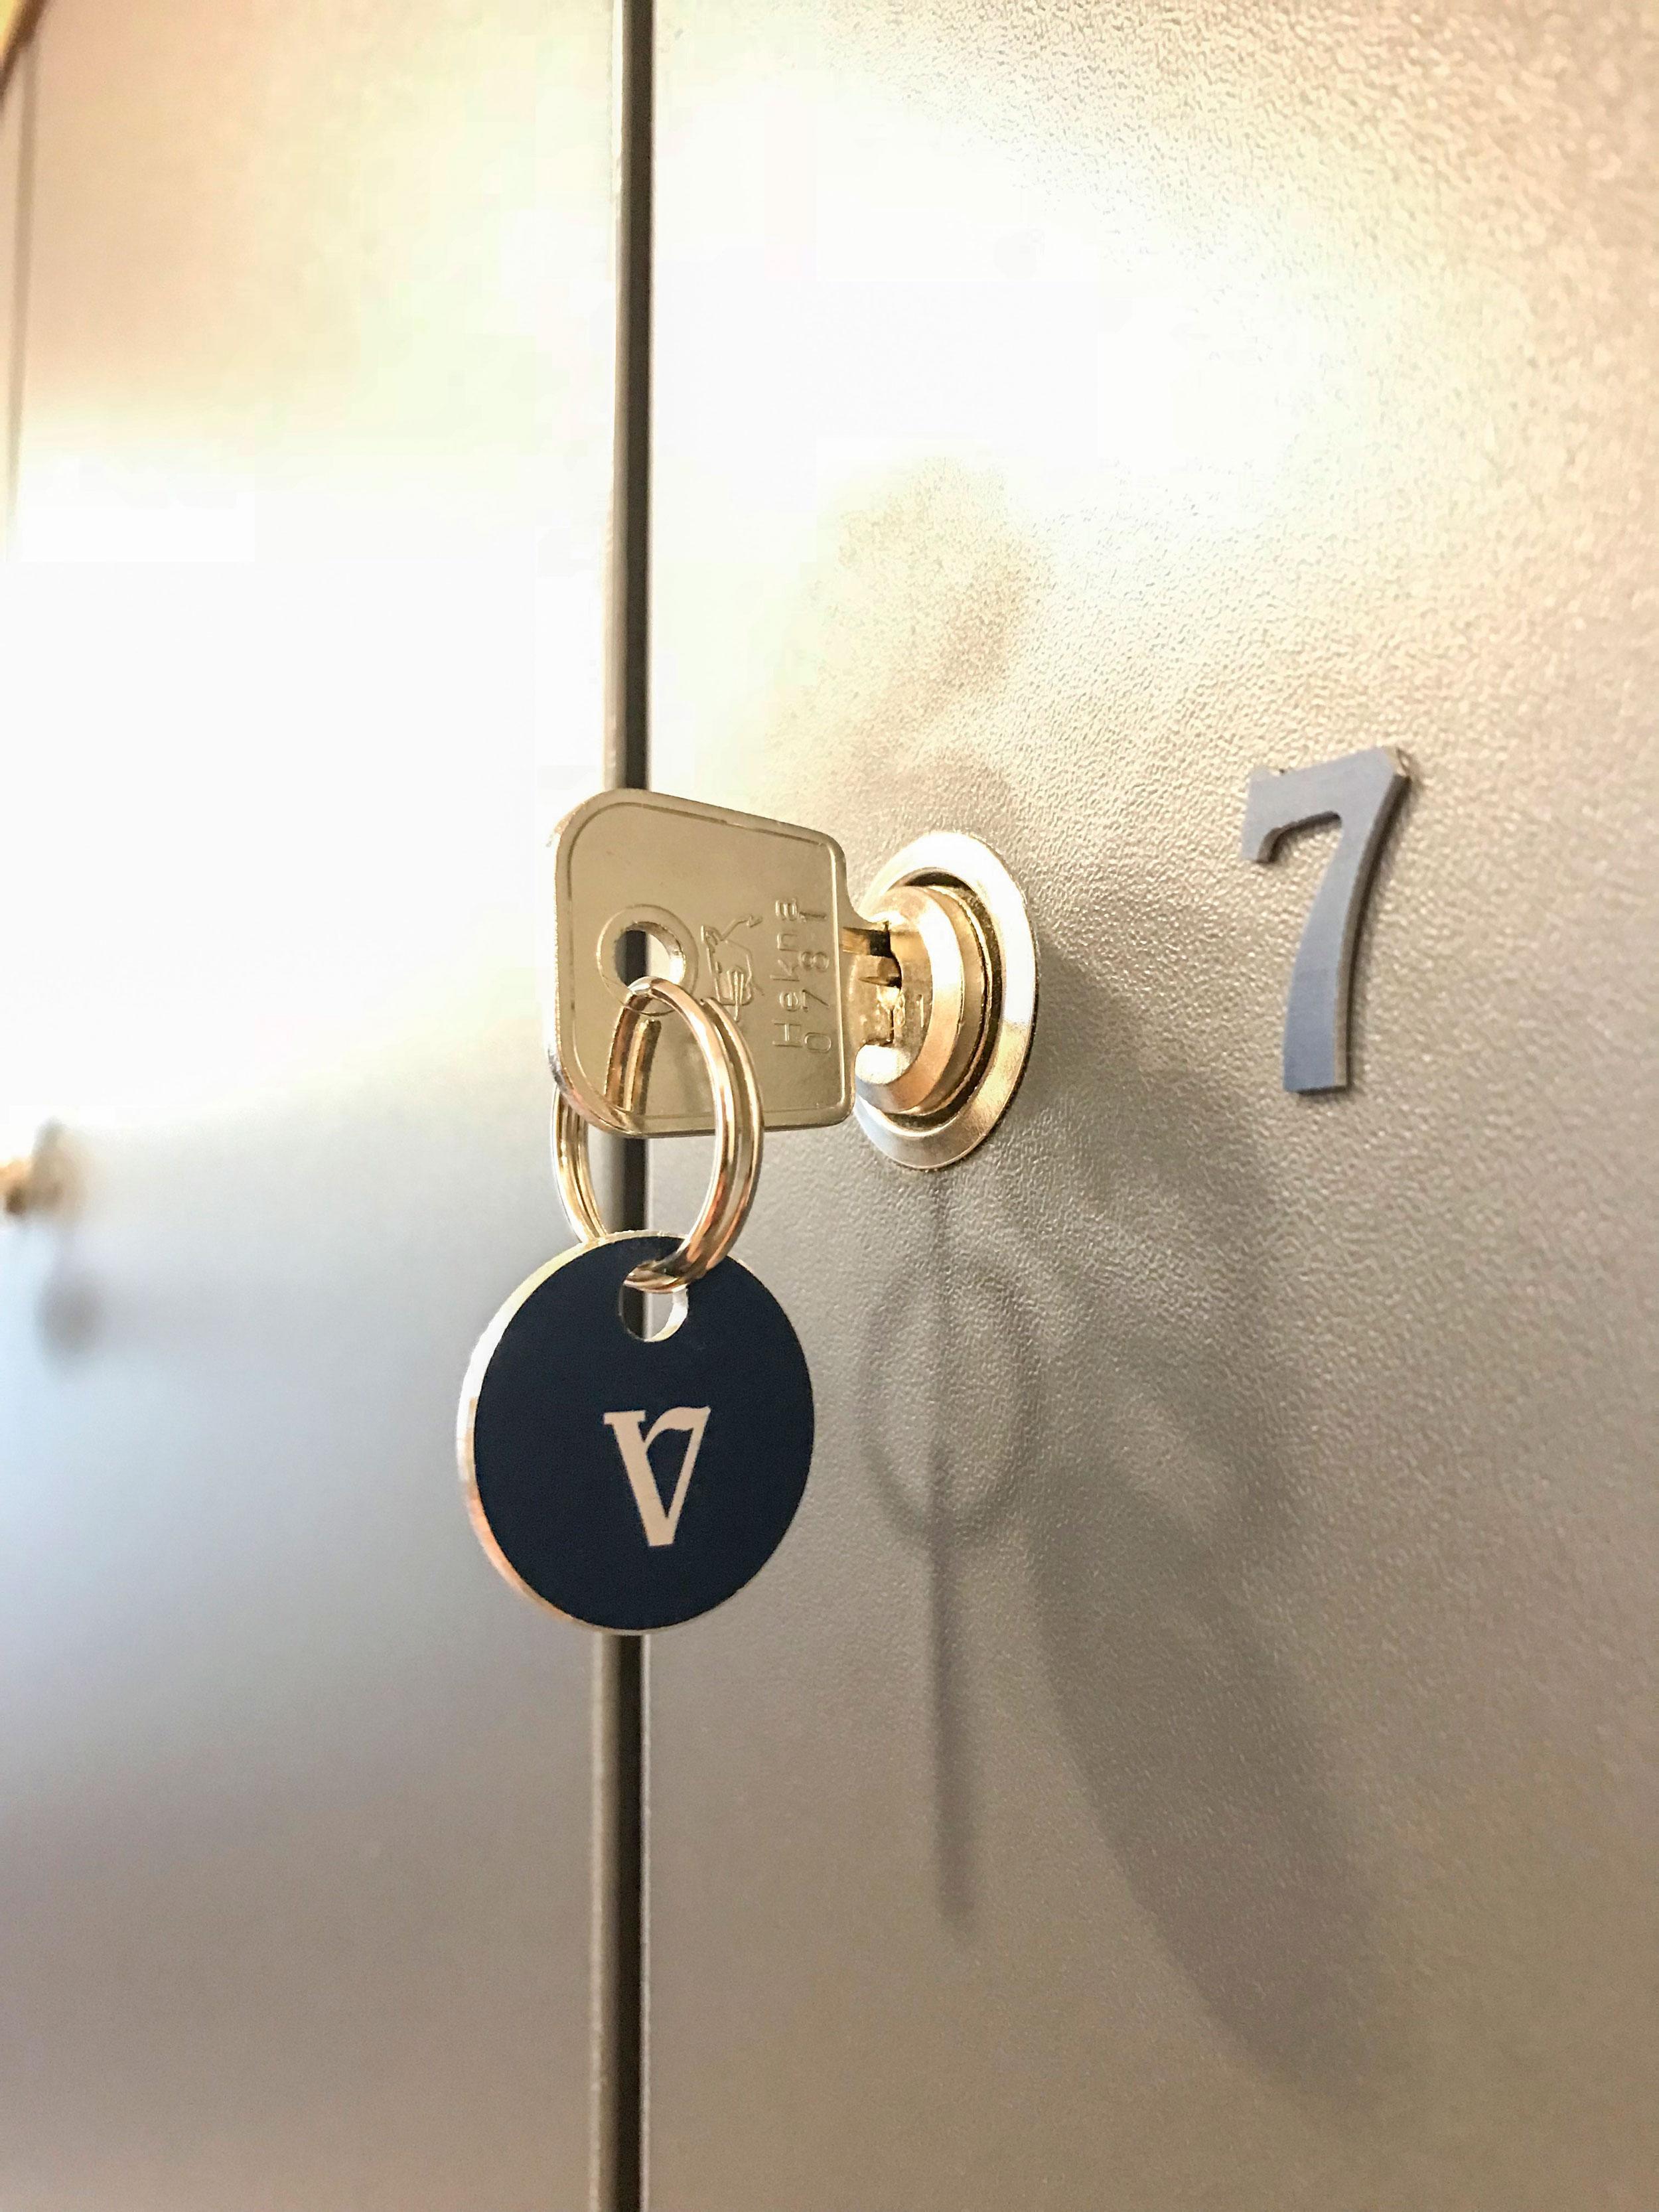 Alu-inprint sleutelhanger en lockernummer | Alu-inprint